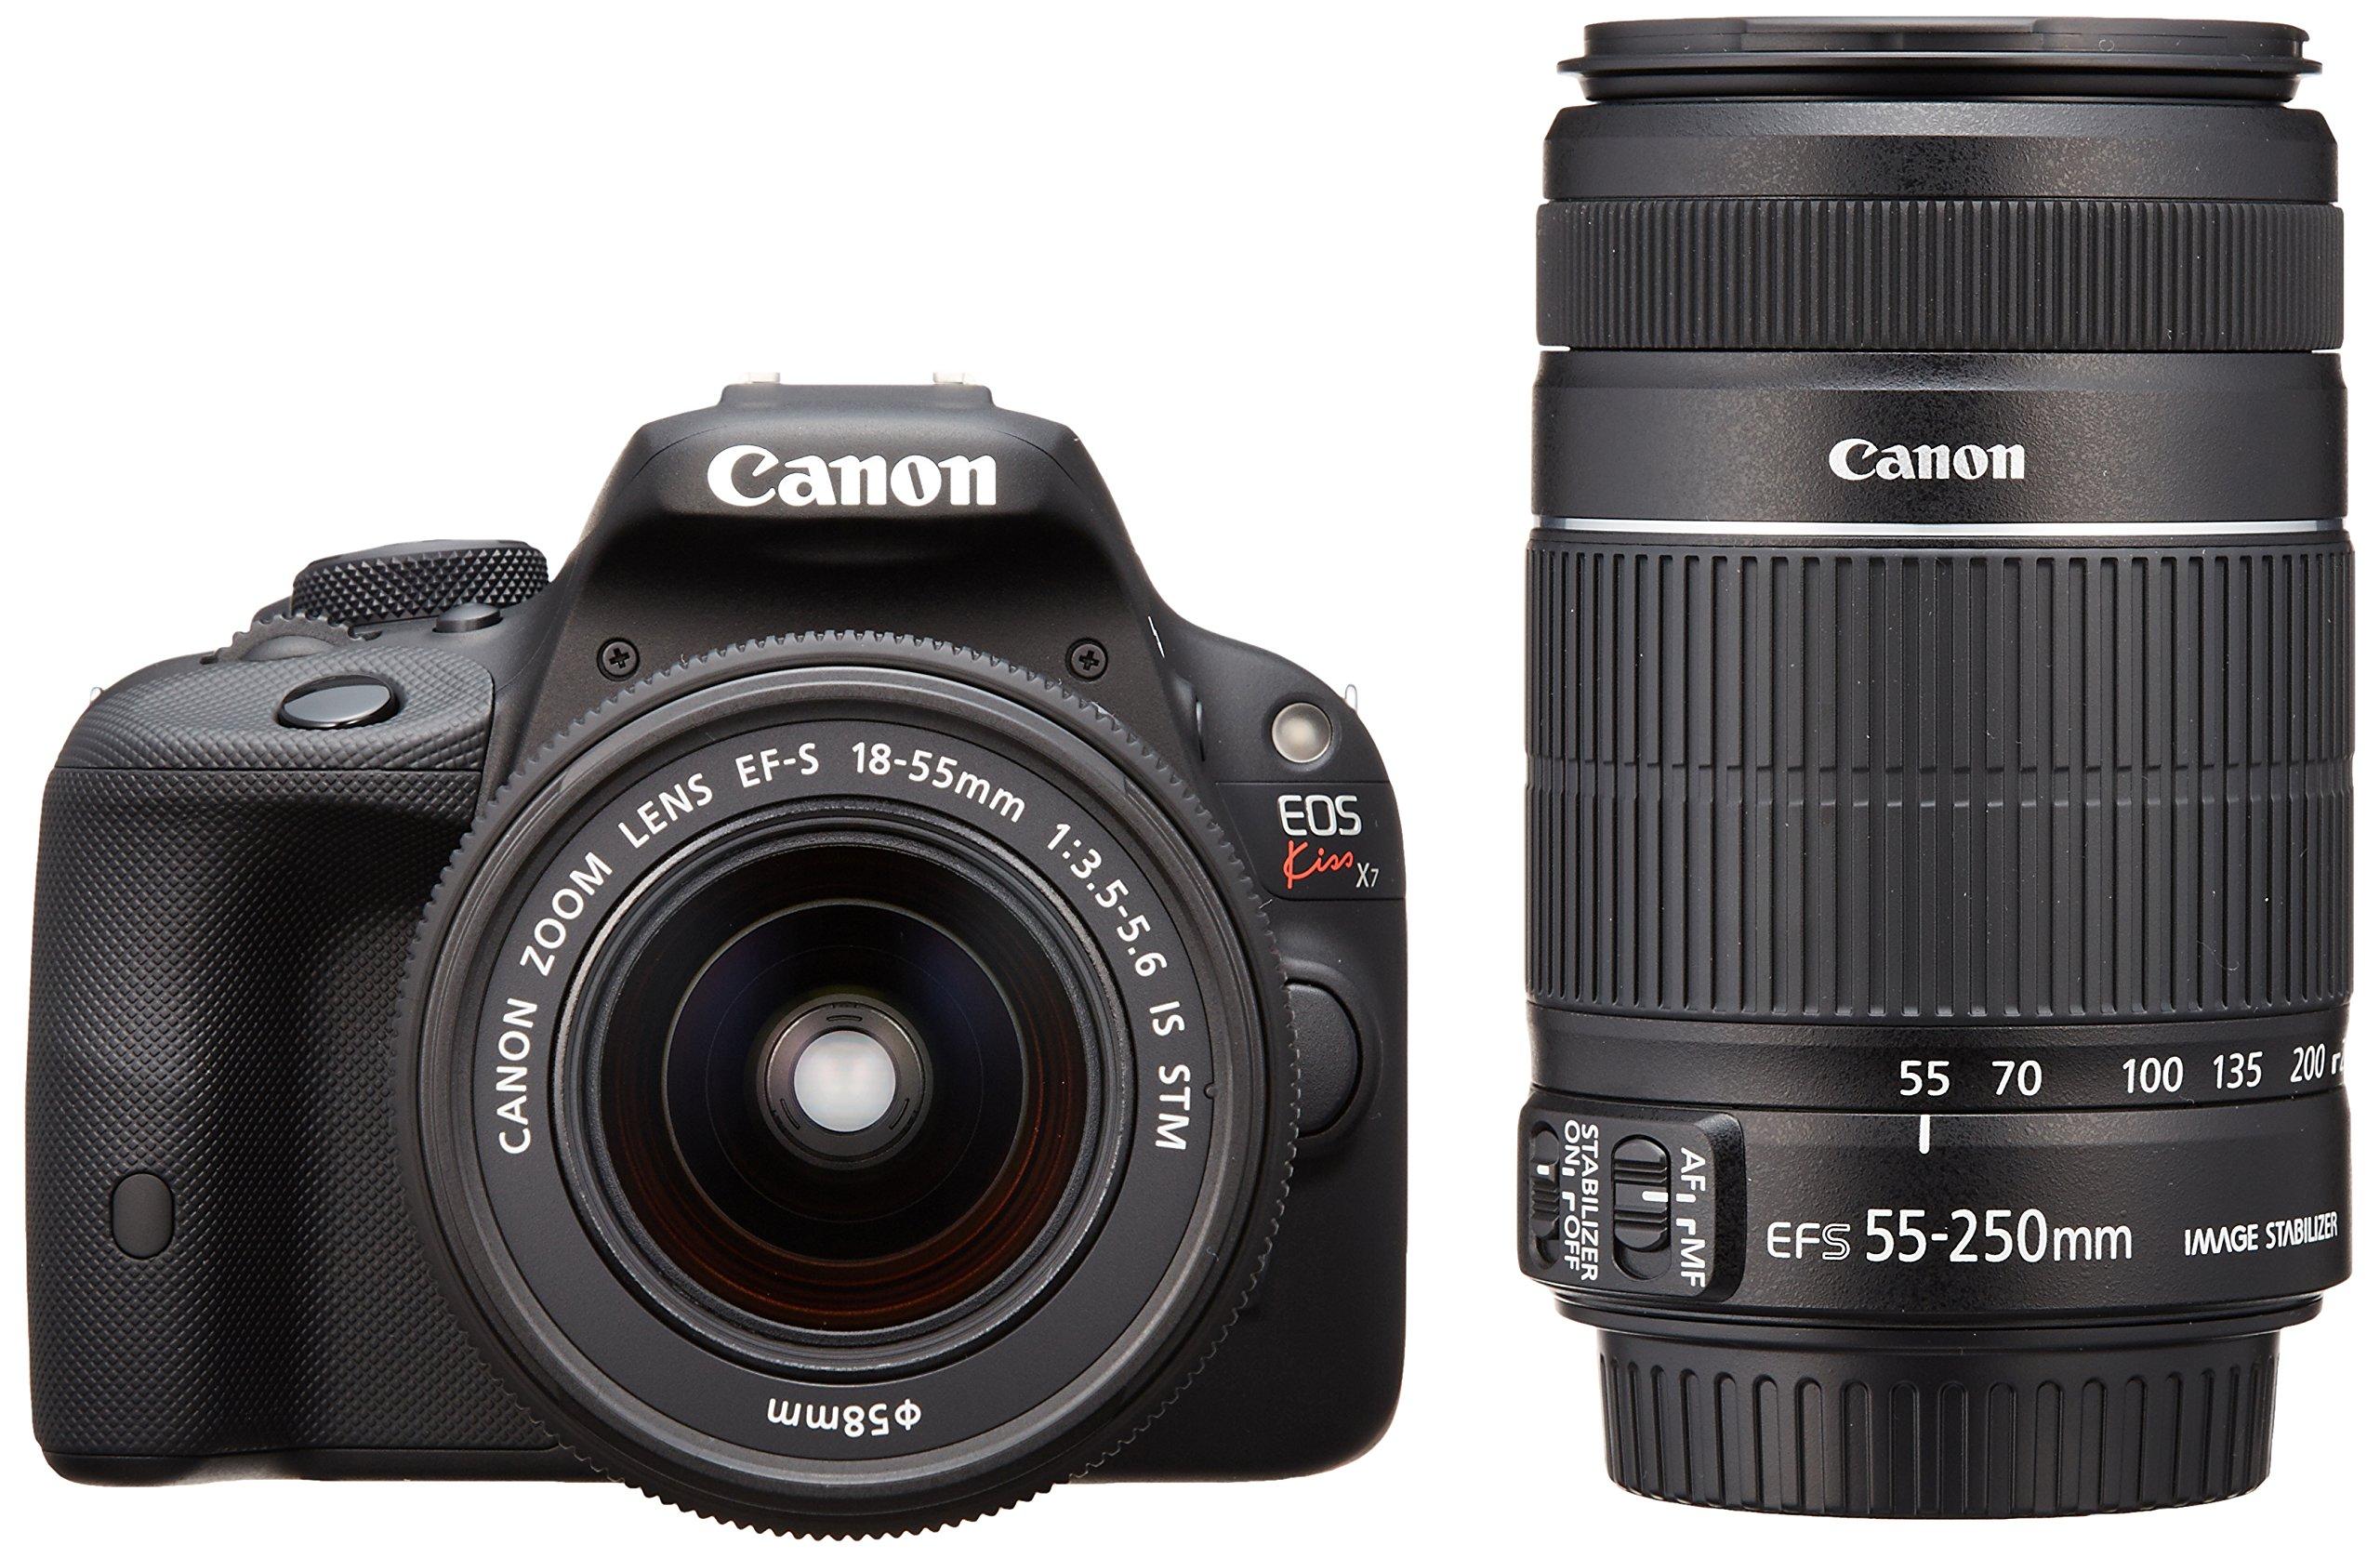 Canon デジタル一眼レフカメラ EOS Kiss X7 ダブルズームキット EF-S18-55mm/EF-S55-250mm付属 KISSX7-WKIT product image